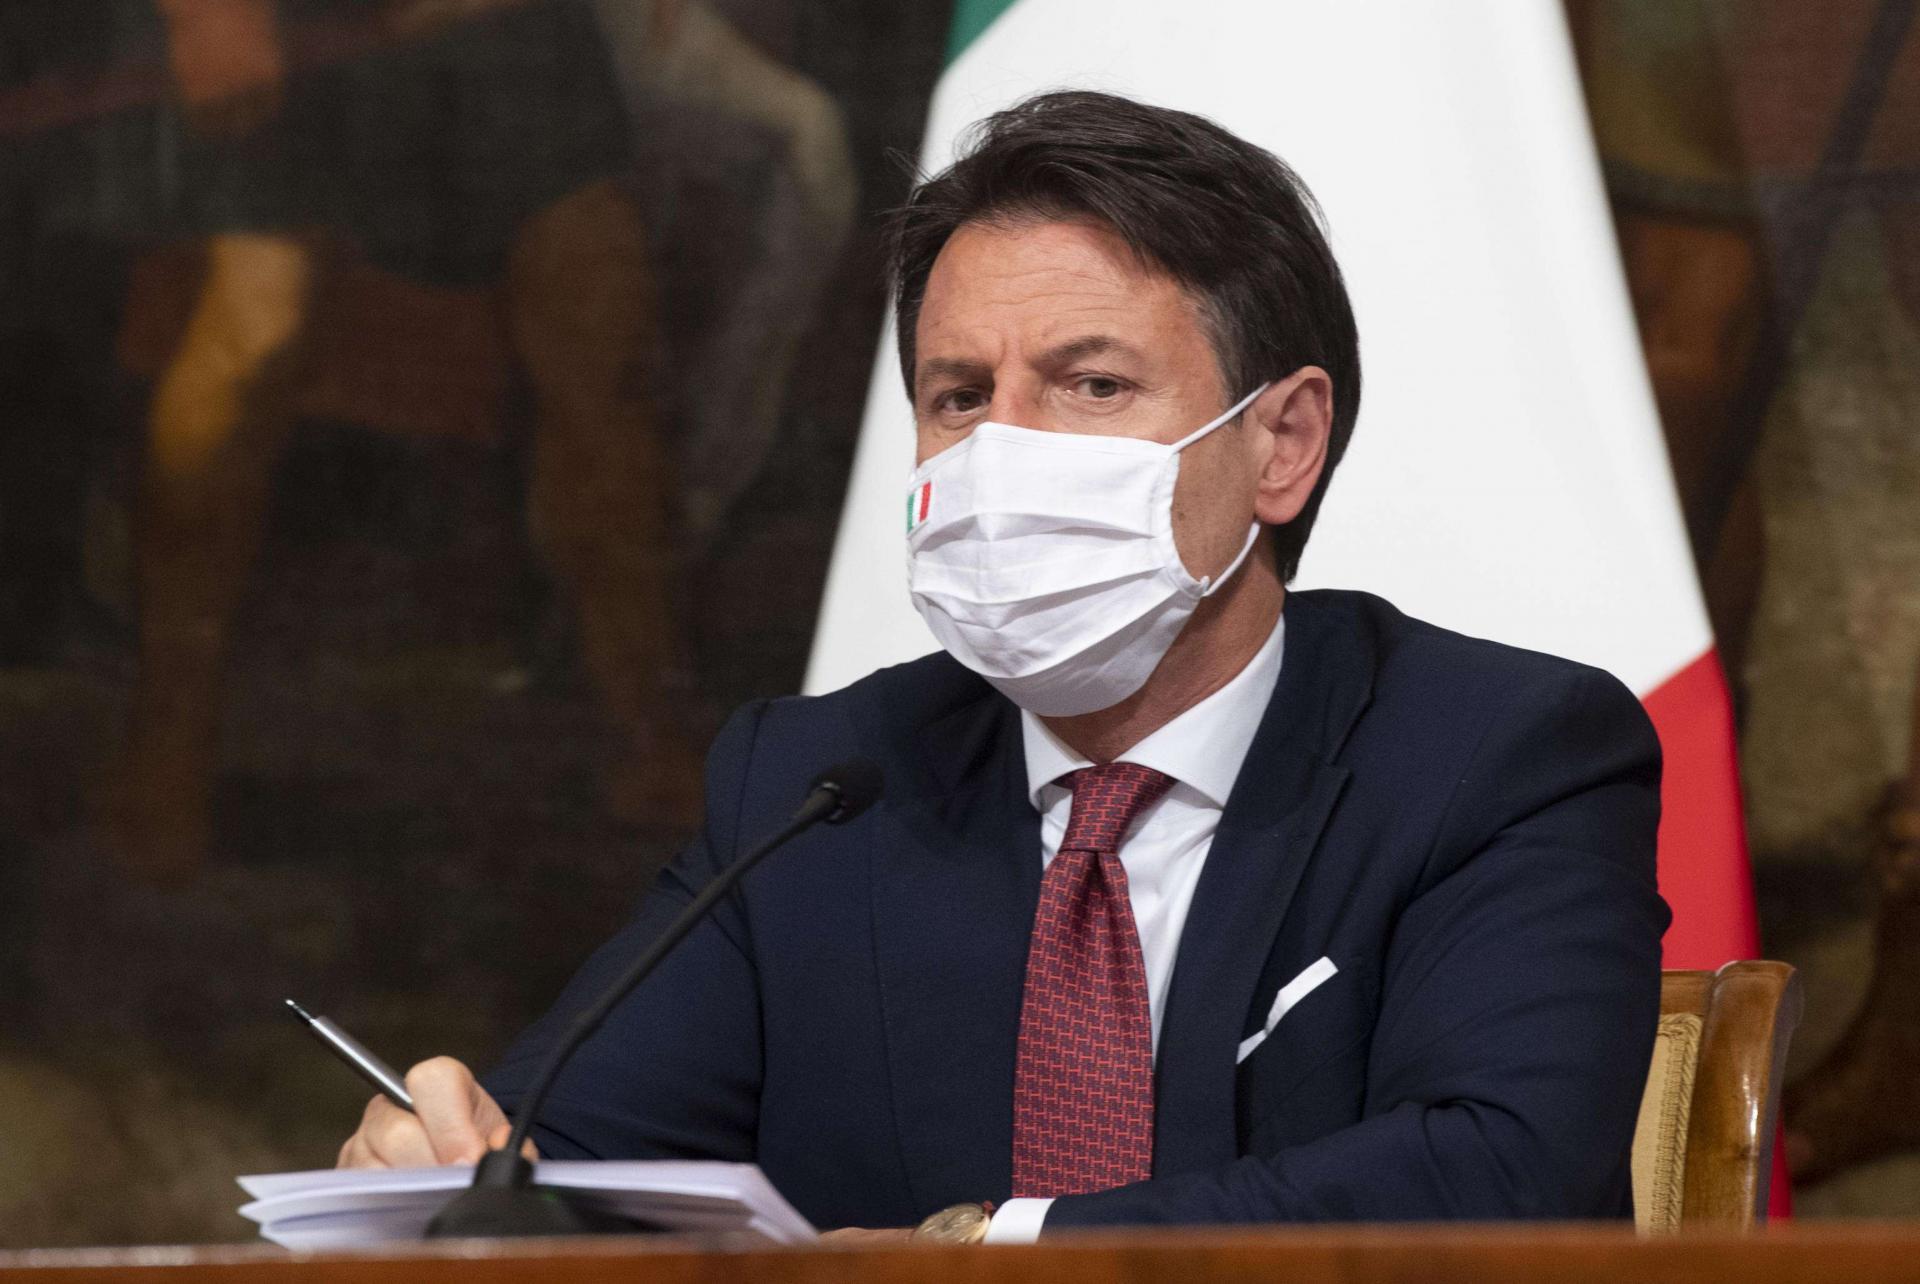 رئيس وزراء إيطاليا يستبعد فرض إغلاق وطني جديد لمواجهة ارتفاع إصابات كورونا